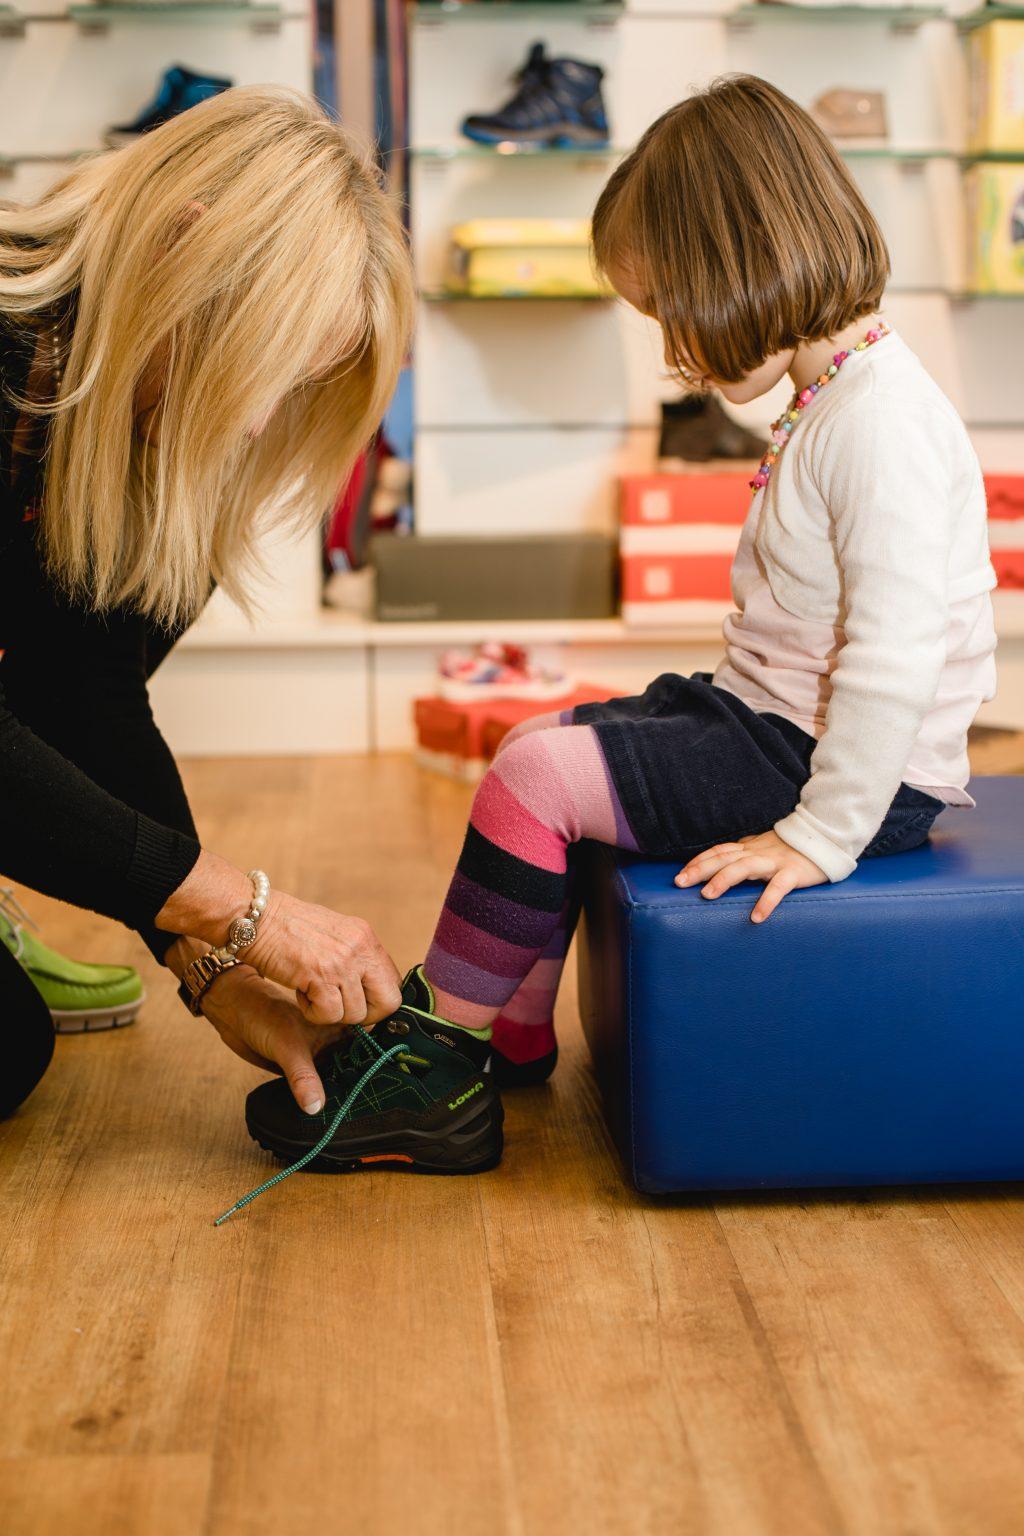 ec6b7955bf4df6 Und die Wahl der richtigen Schuhe ist ein entscheidender Faktor für gesunde  Füße und einen schmerzfreien Bewegungsapparat. Tipps zum richtigen Schuhkauf .